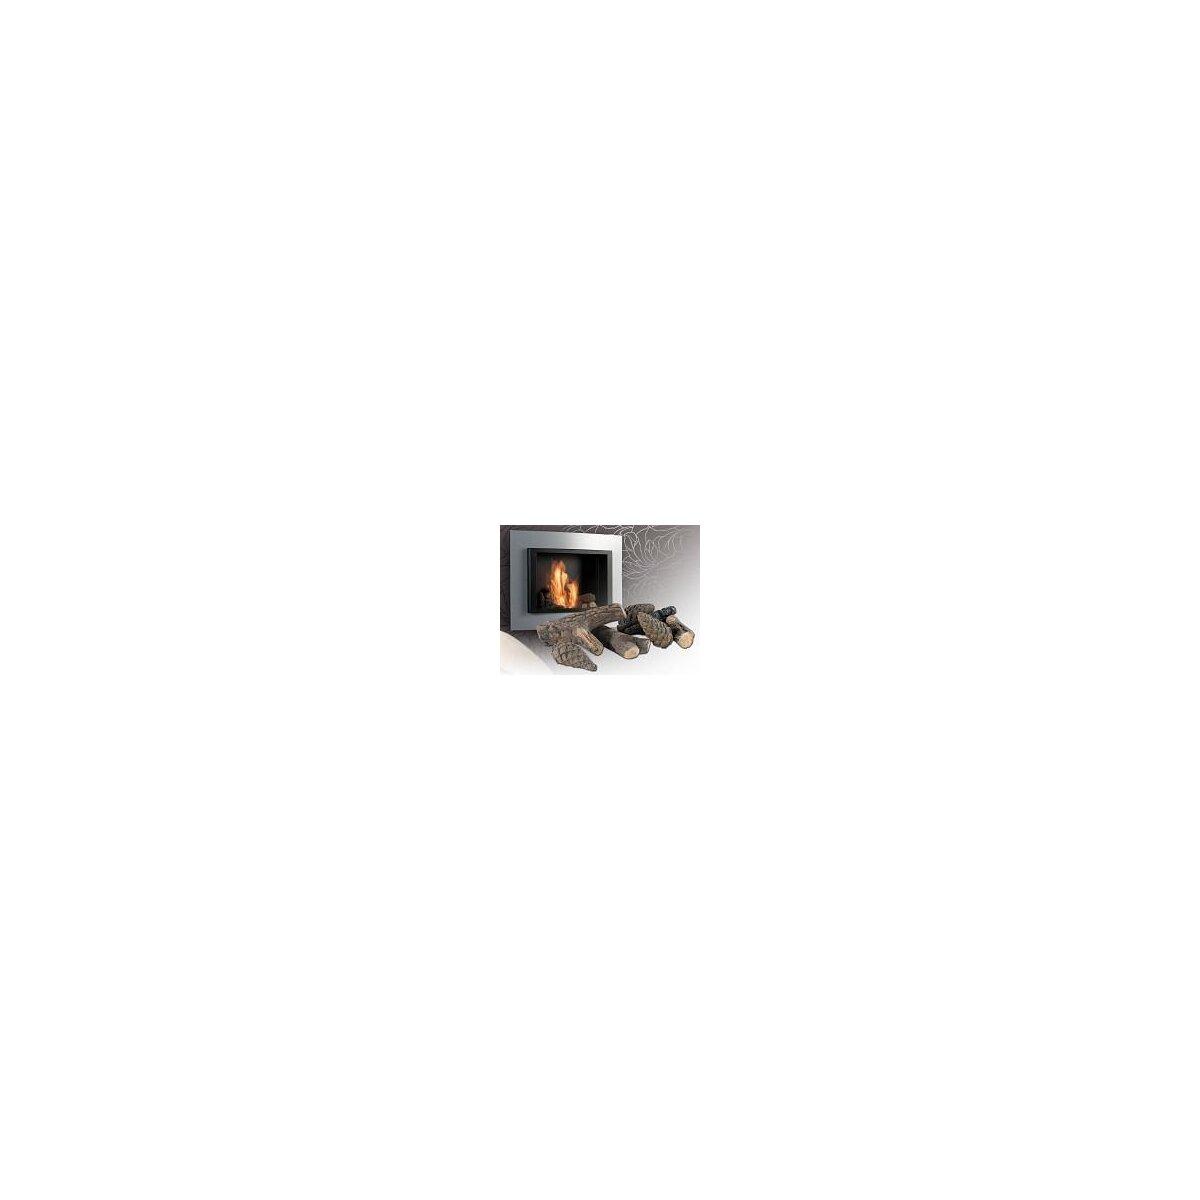 carlo milano feuerdekoration ste tannenzapfen f r bio ethanol fen chf. Black Bedroom Furniture Sets. Home Design Ideas